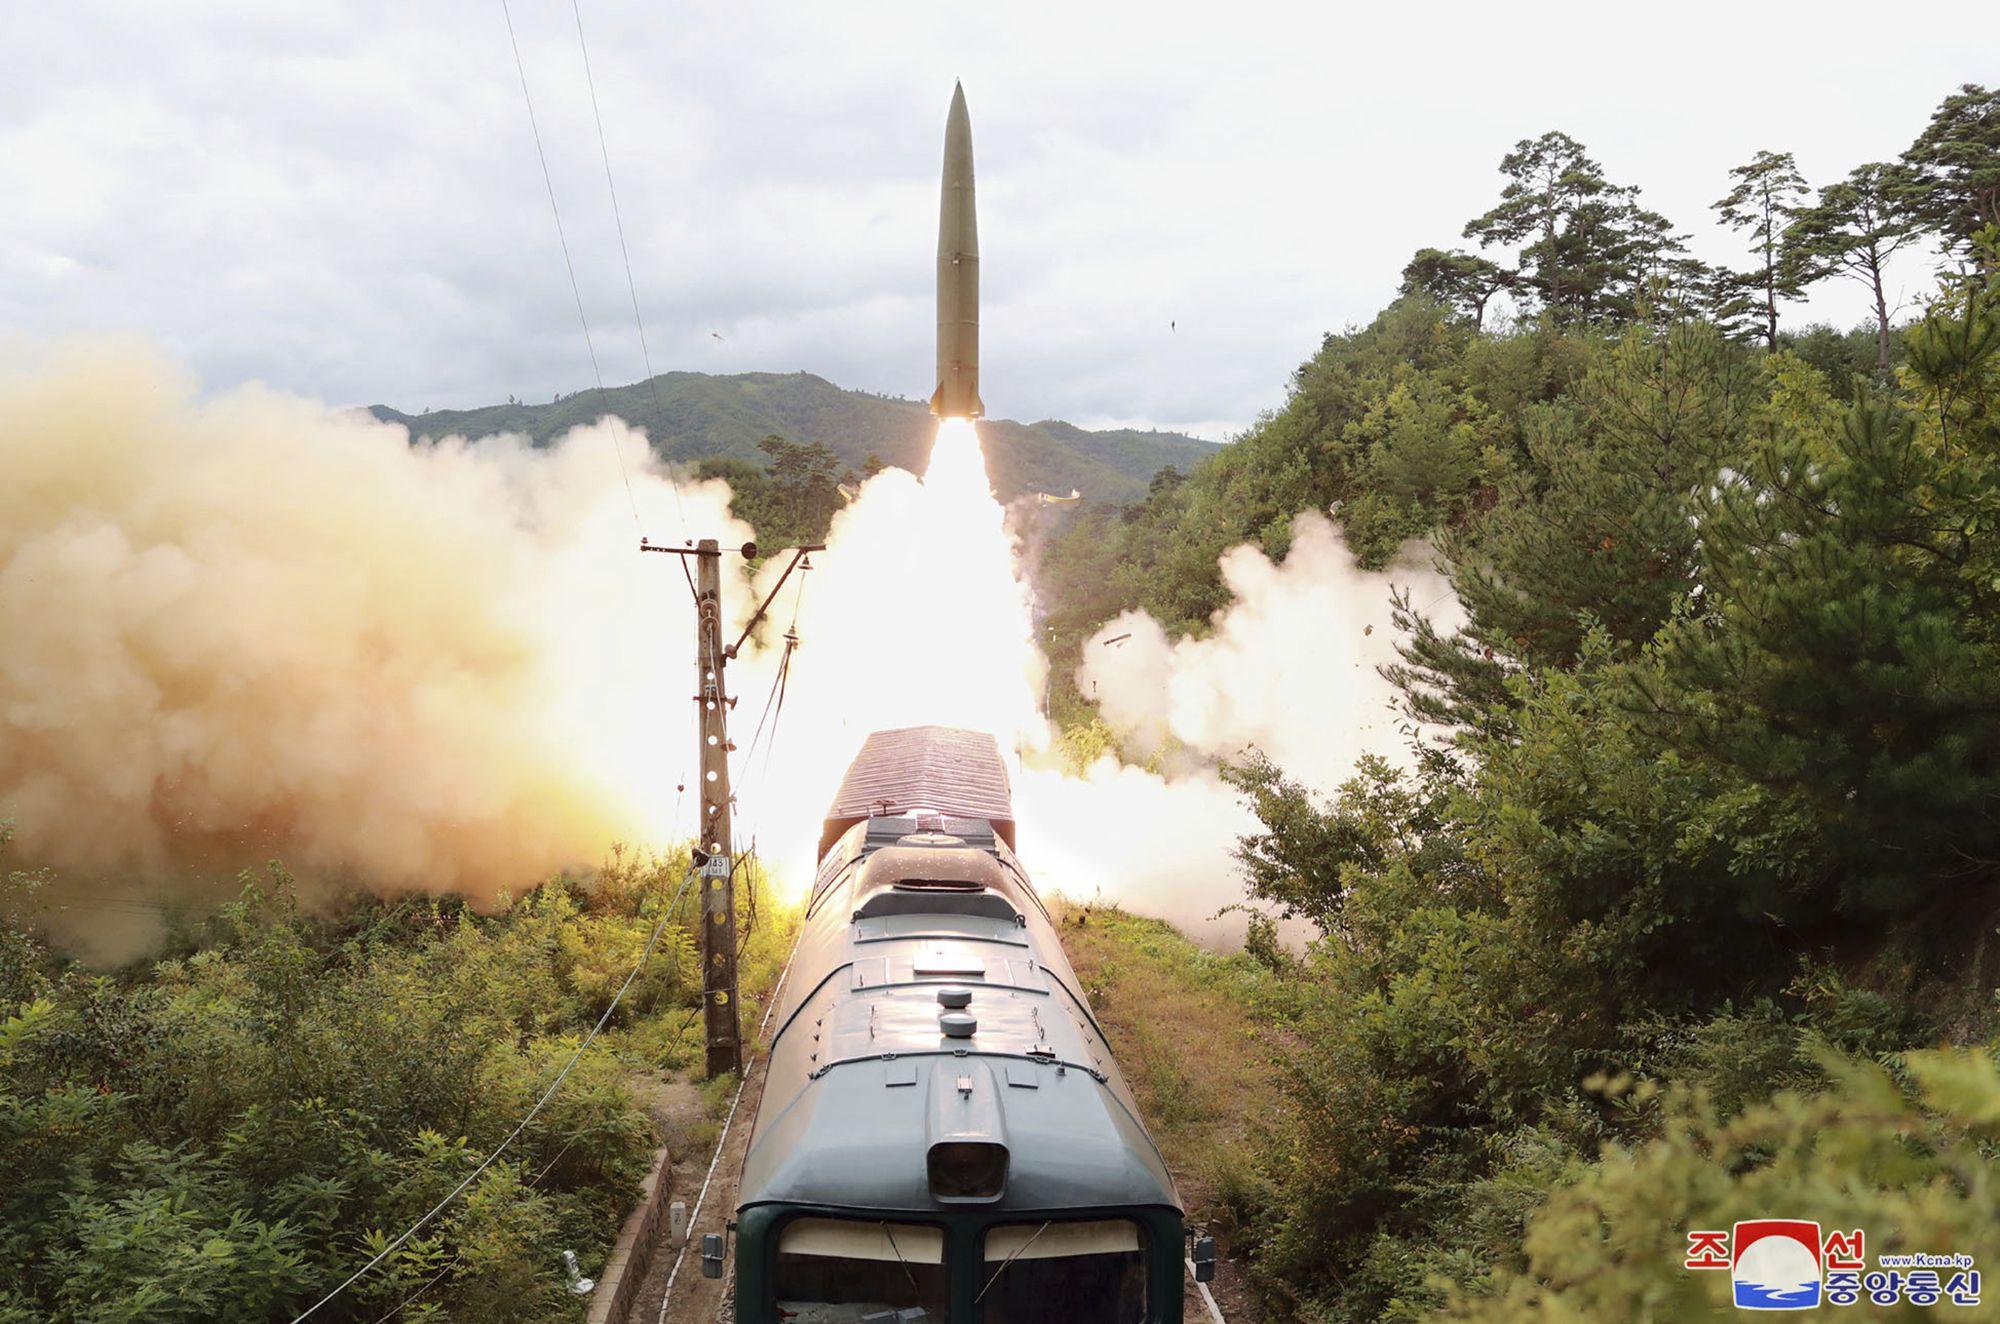 norcorea dice que probo lanzamiento de misiles desde tren